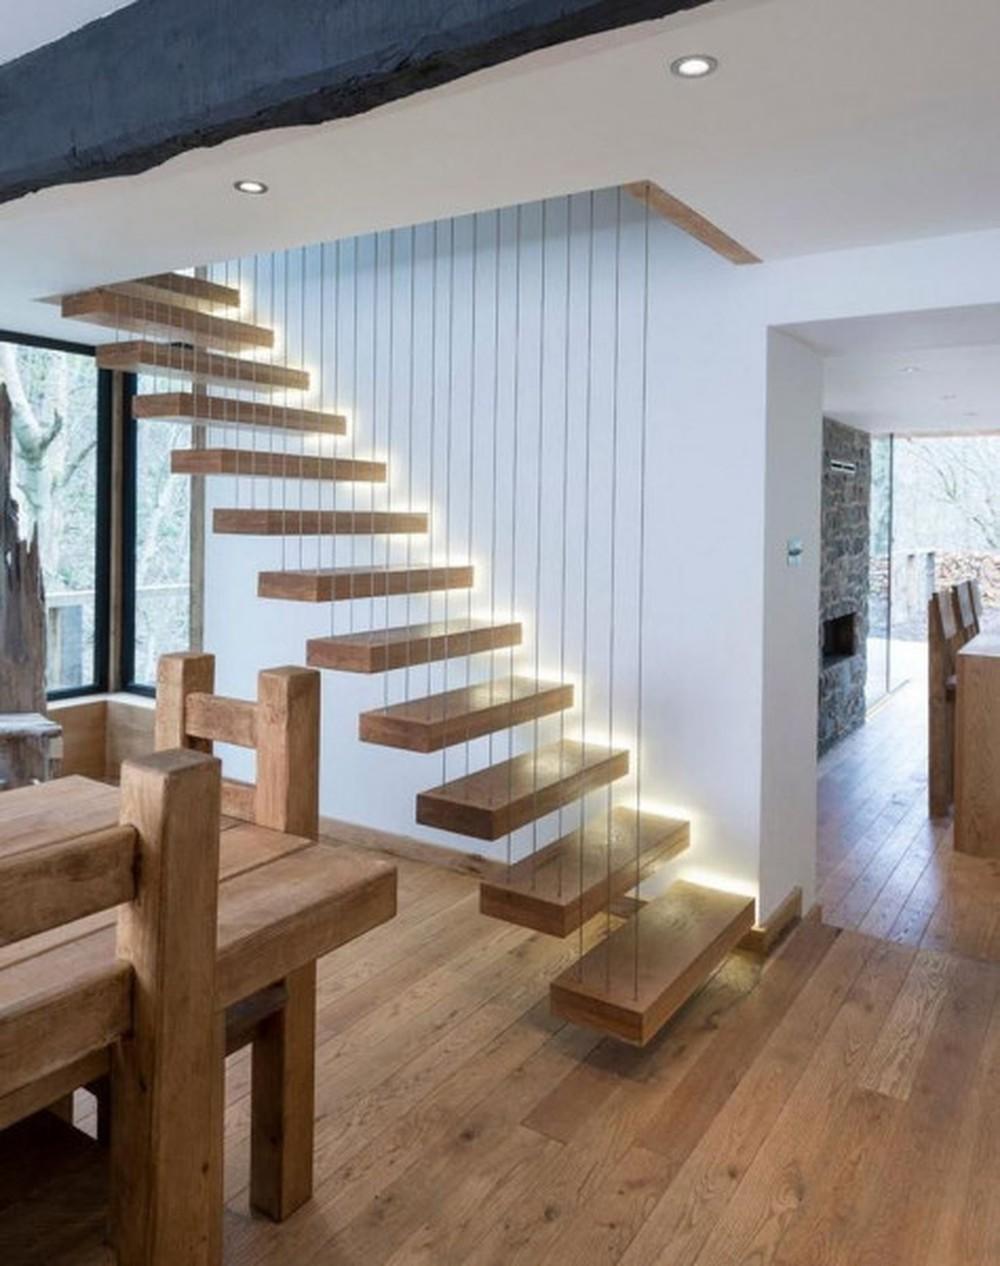 Thiết kế cầu thang thẳng với hình dáng đơn giản, theo chiều thẳng với độ dốc vừa phải